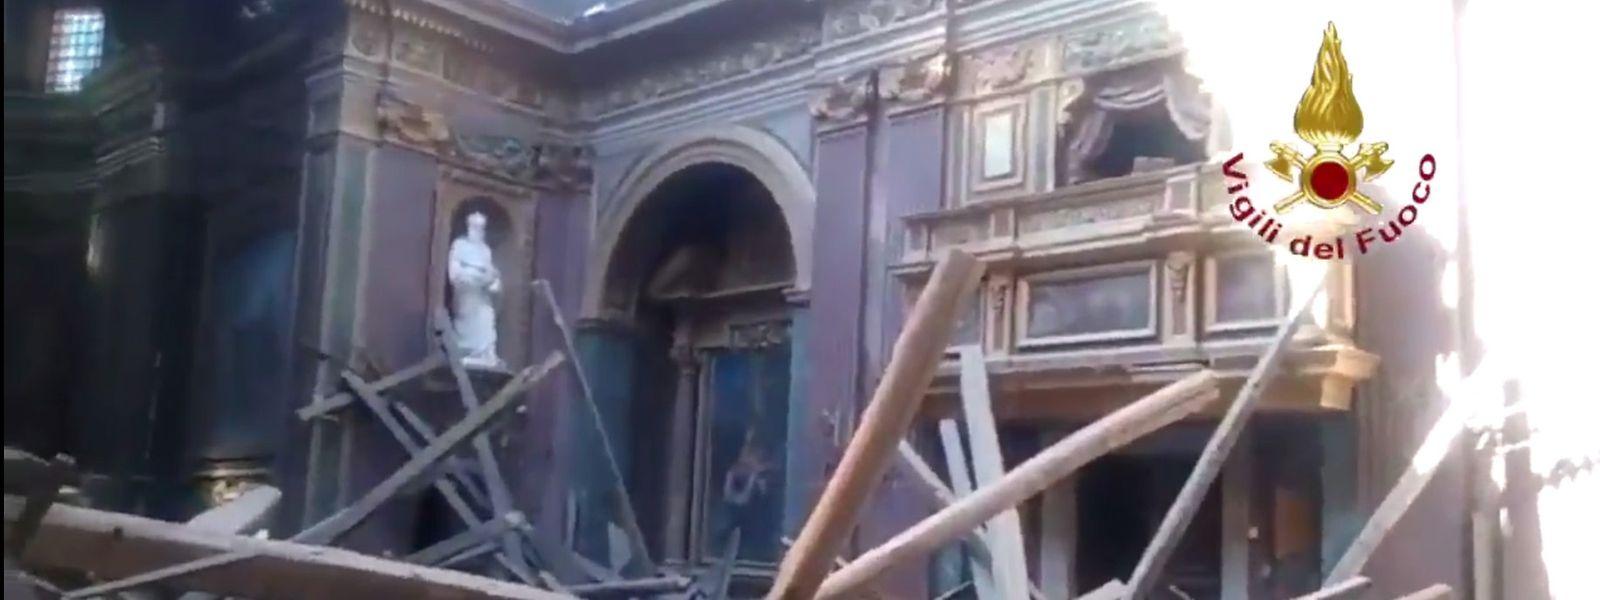 Dieser Screenshot aus einem von der italienischen Feuerwehr via Twitter zur Verfügung gestellten Video zeigt Trümmer in der Kirche Chiesa di San Giuseppe dei Falegnami.